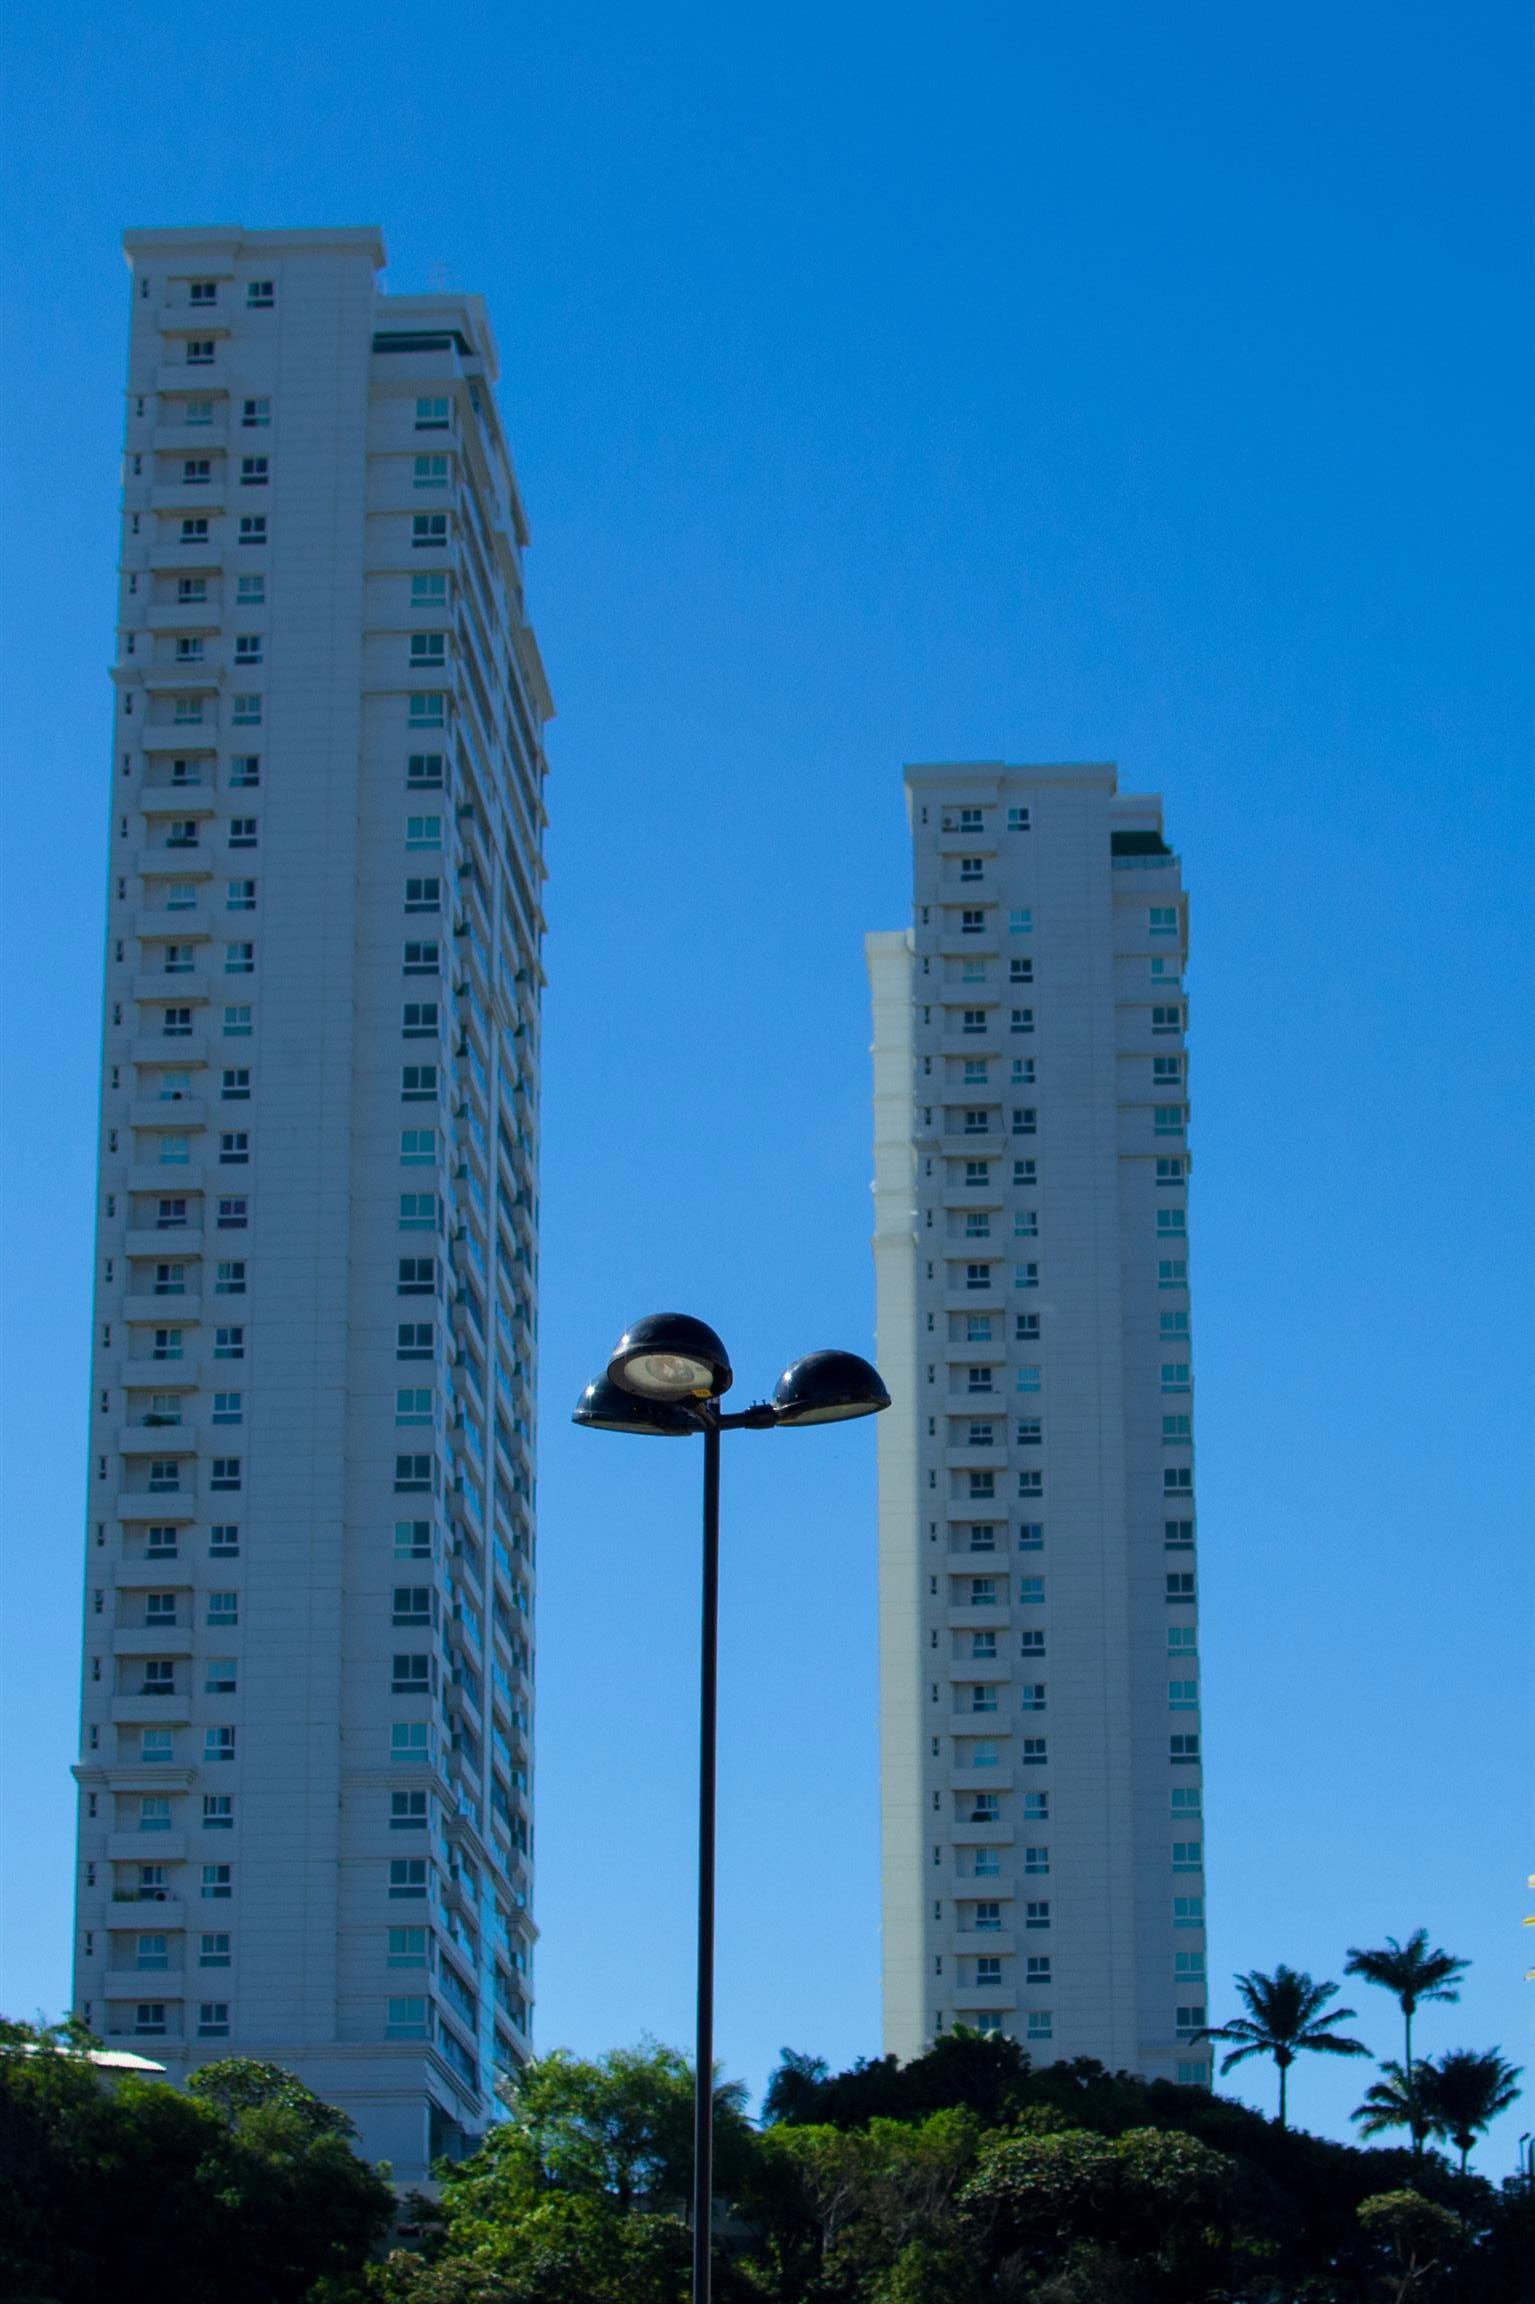 Black Light Post Near White Building